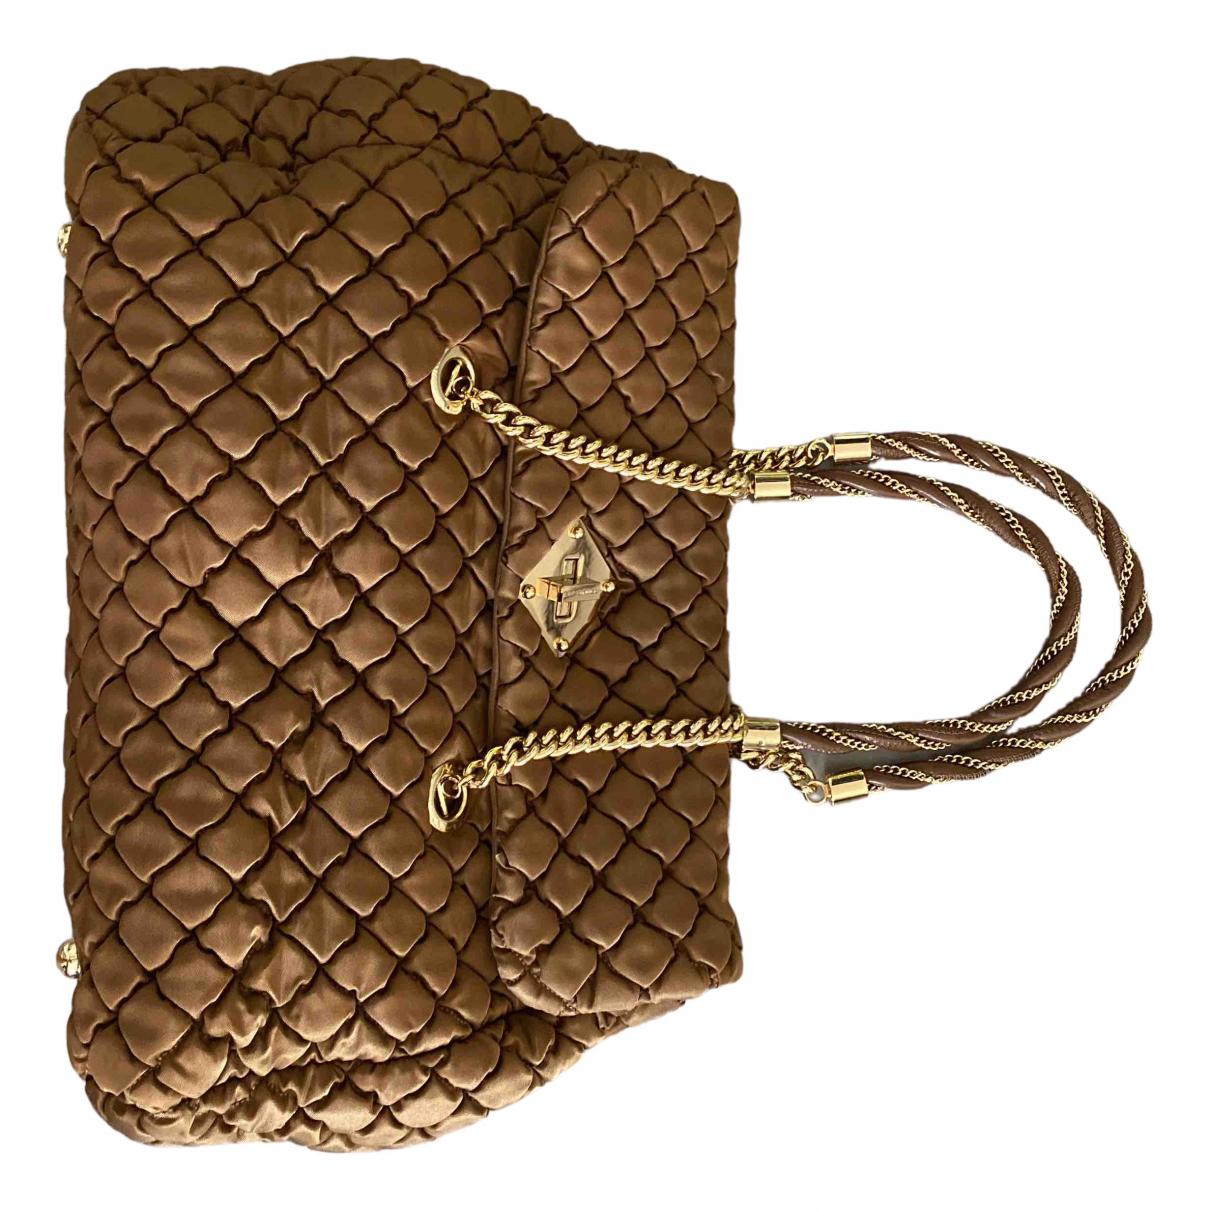 Moschino \N Handtasche in  Braun Leinen